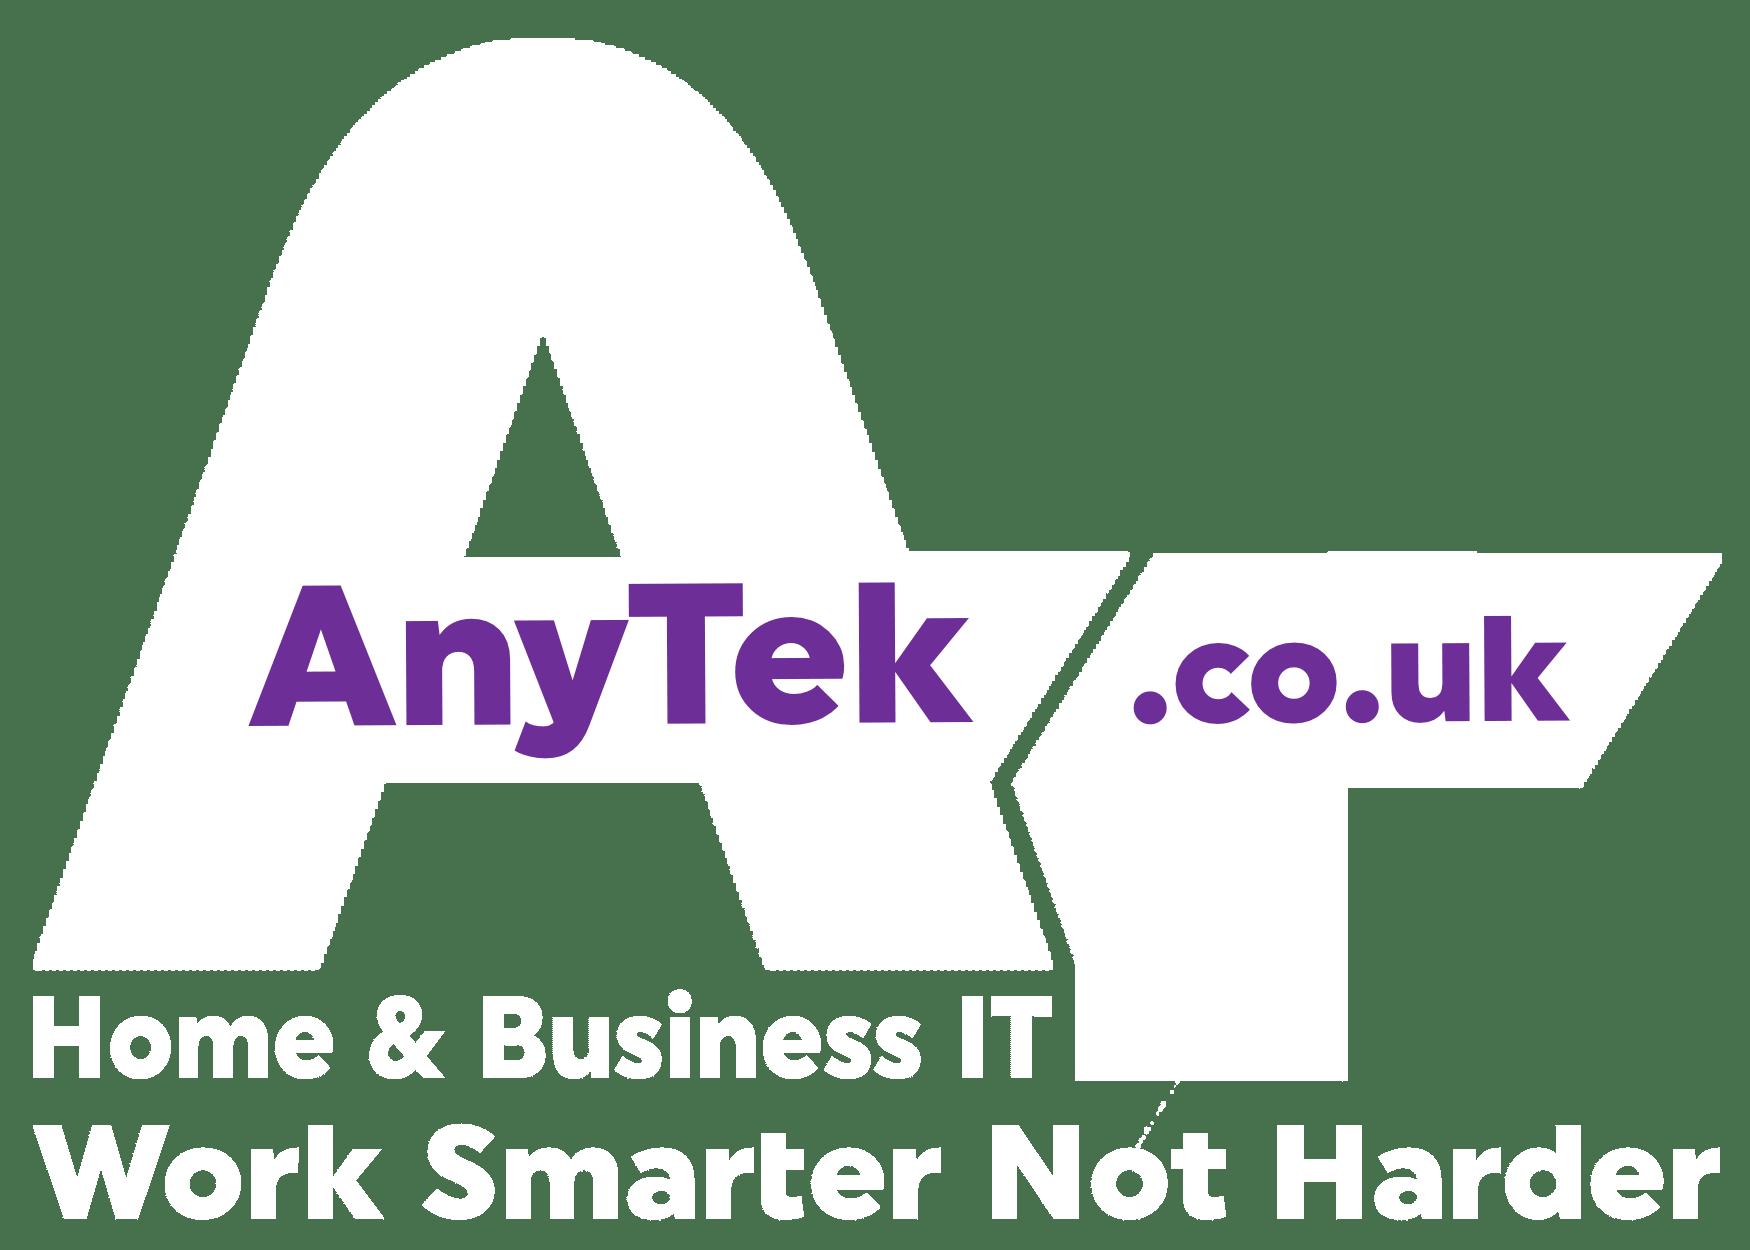 AnyTek - Work Smarter Not Harder